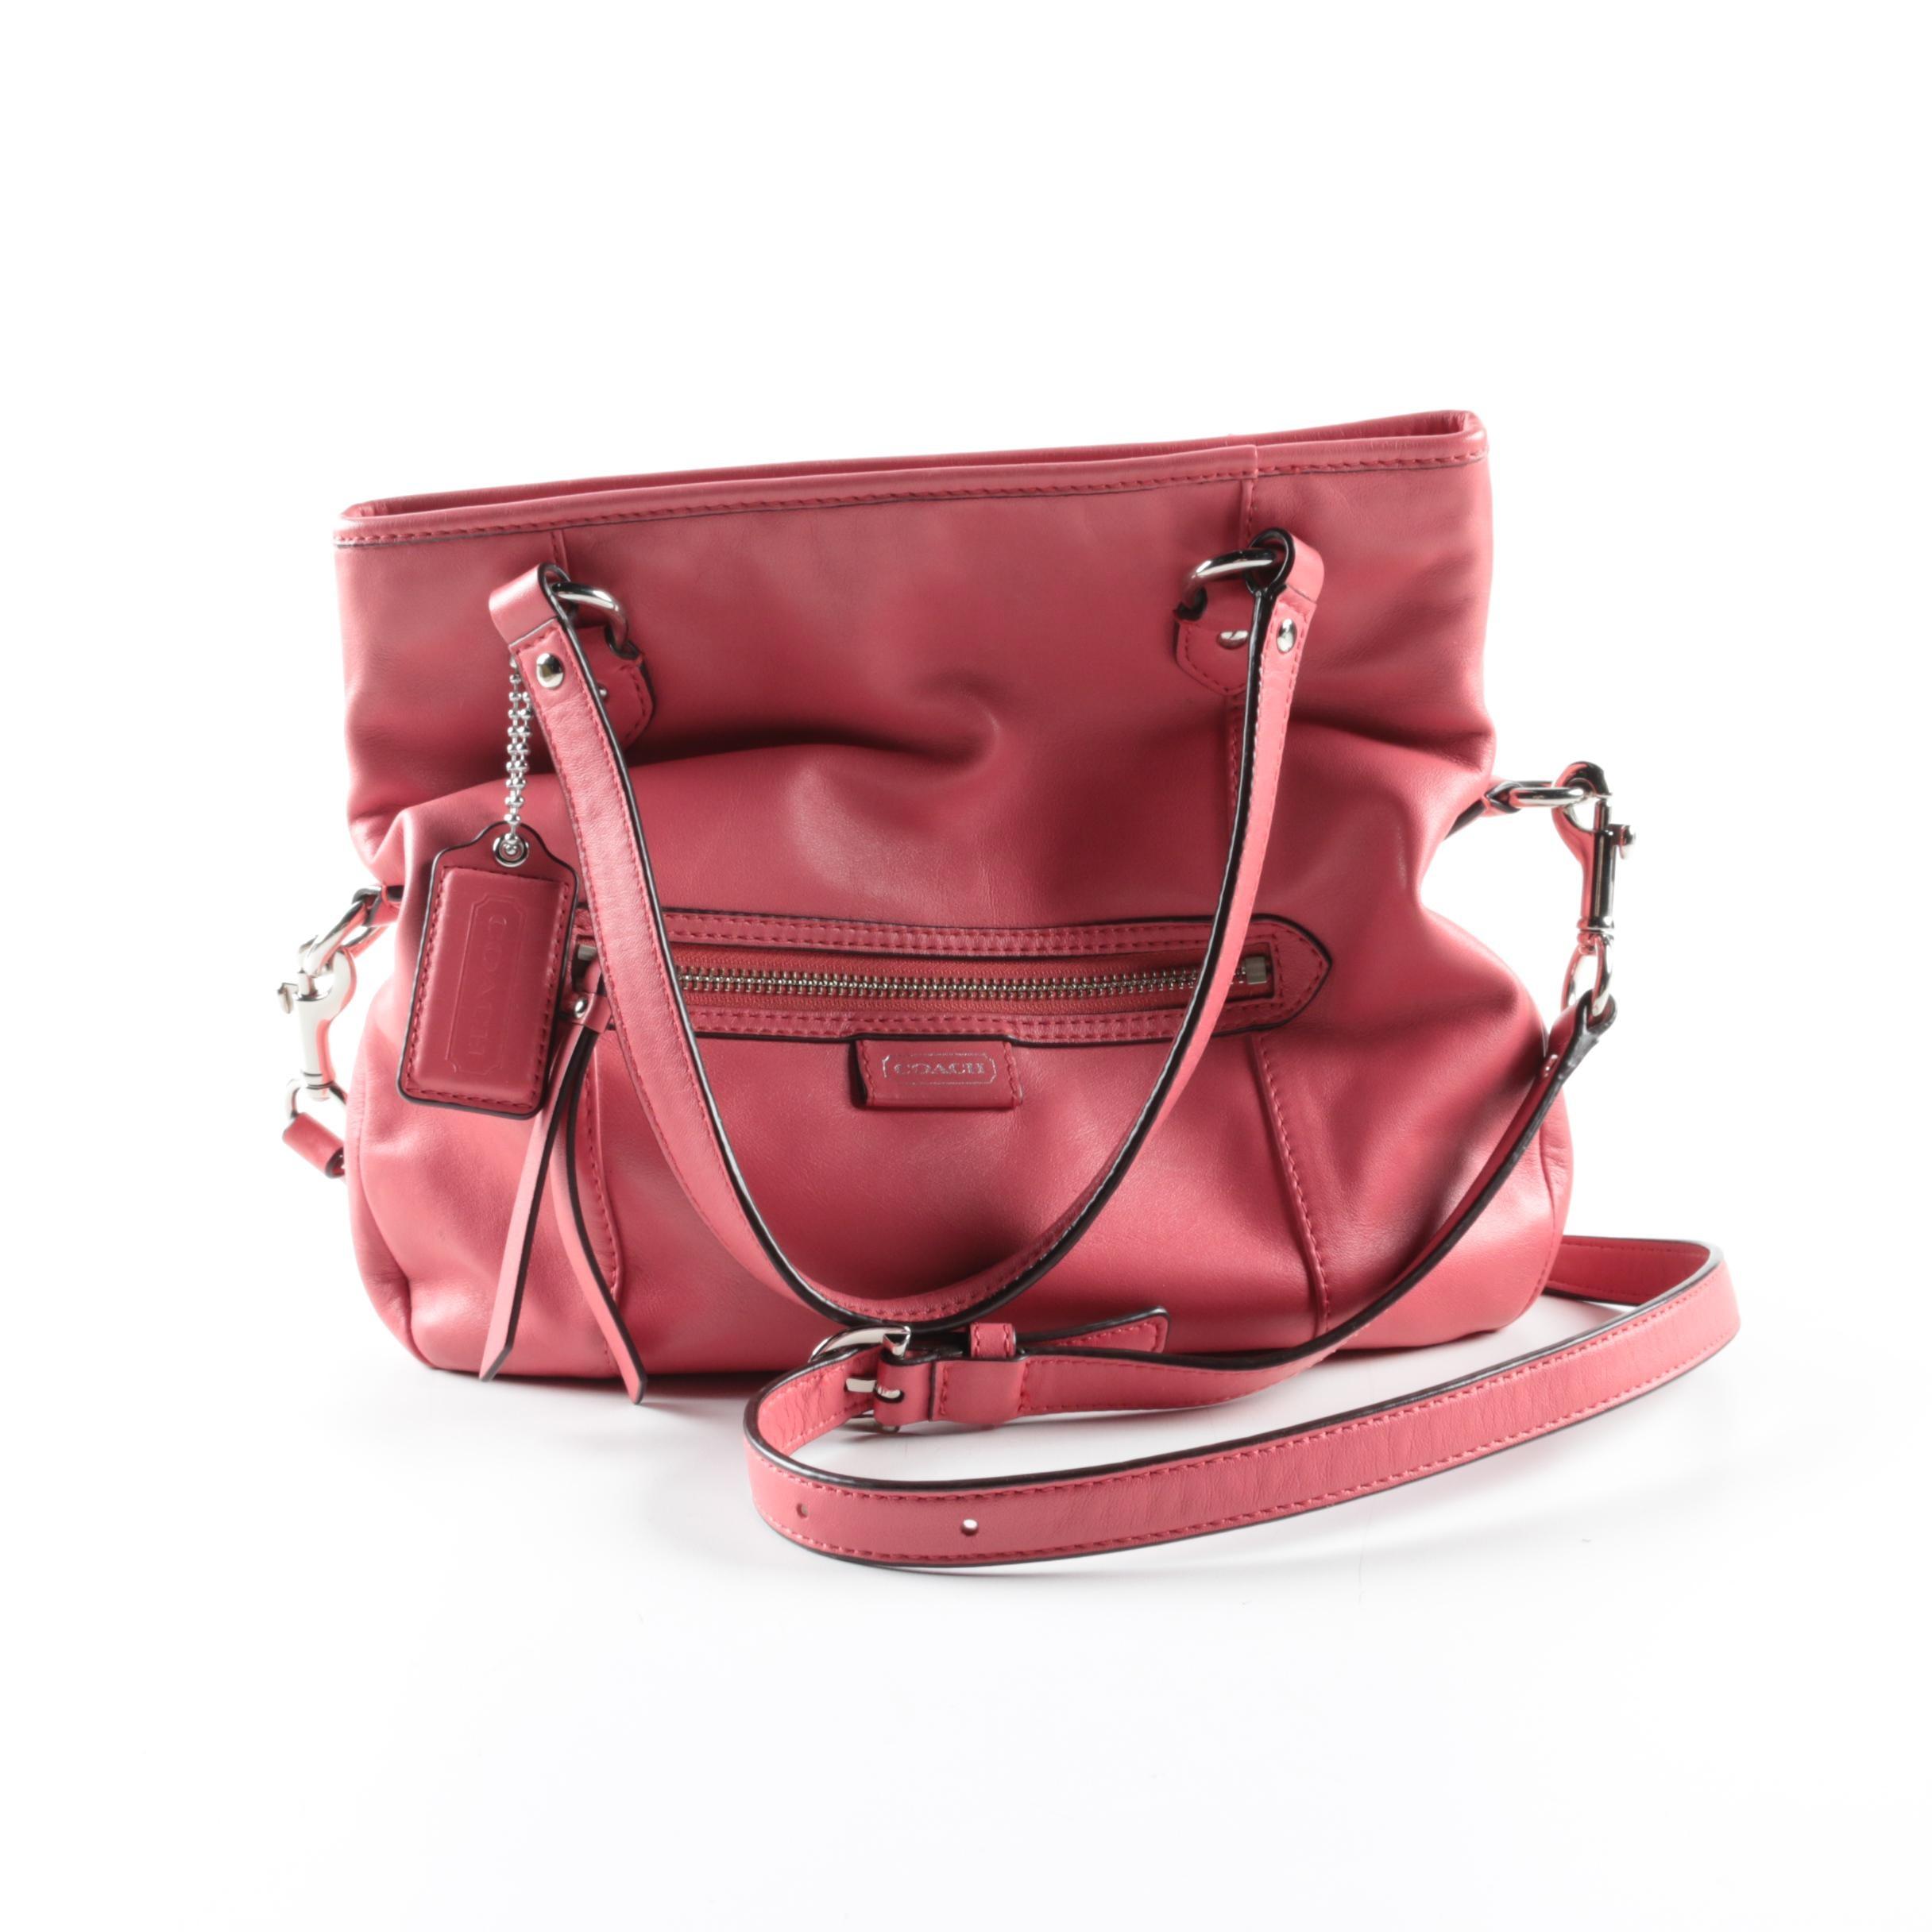 Coach Daisy Mia Leather Handbag